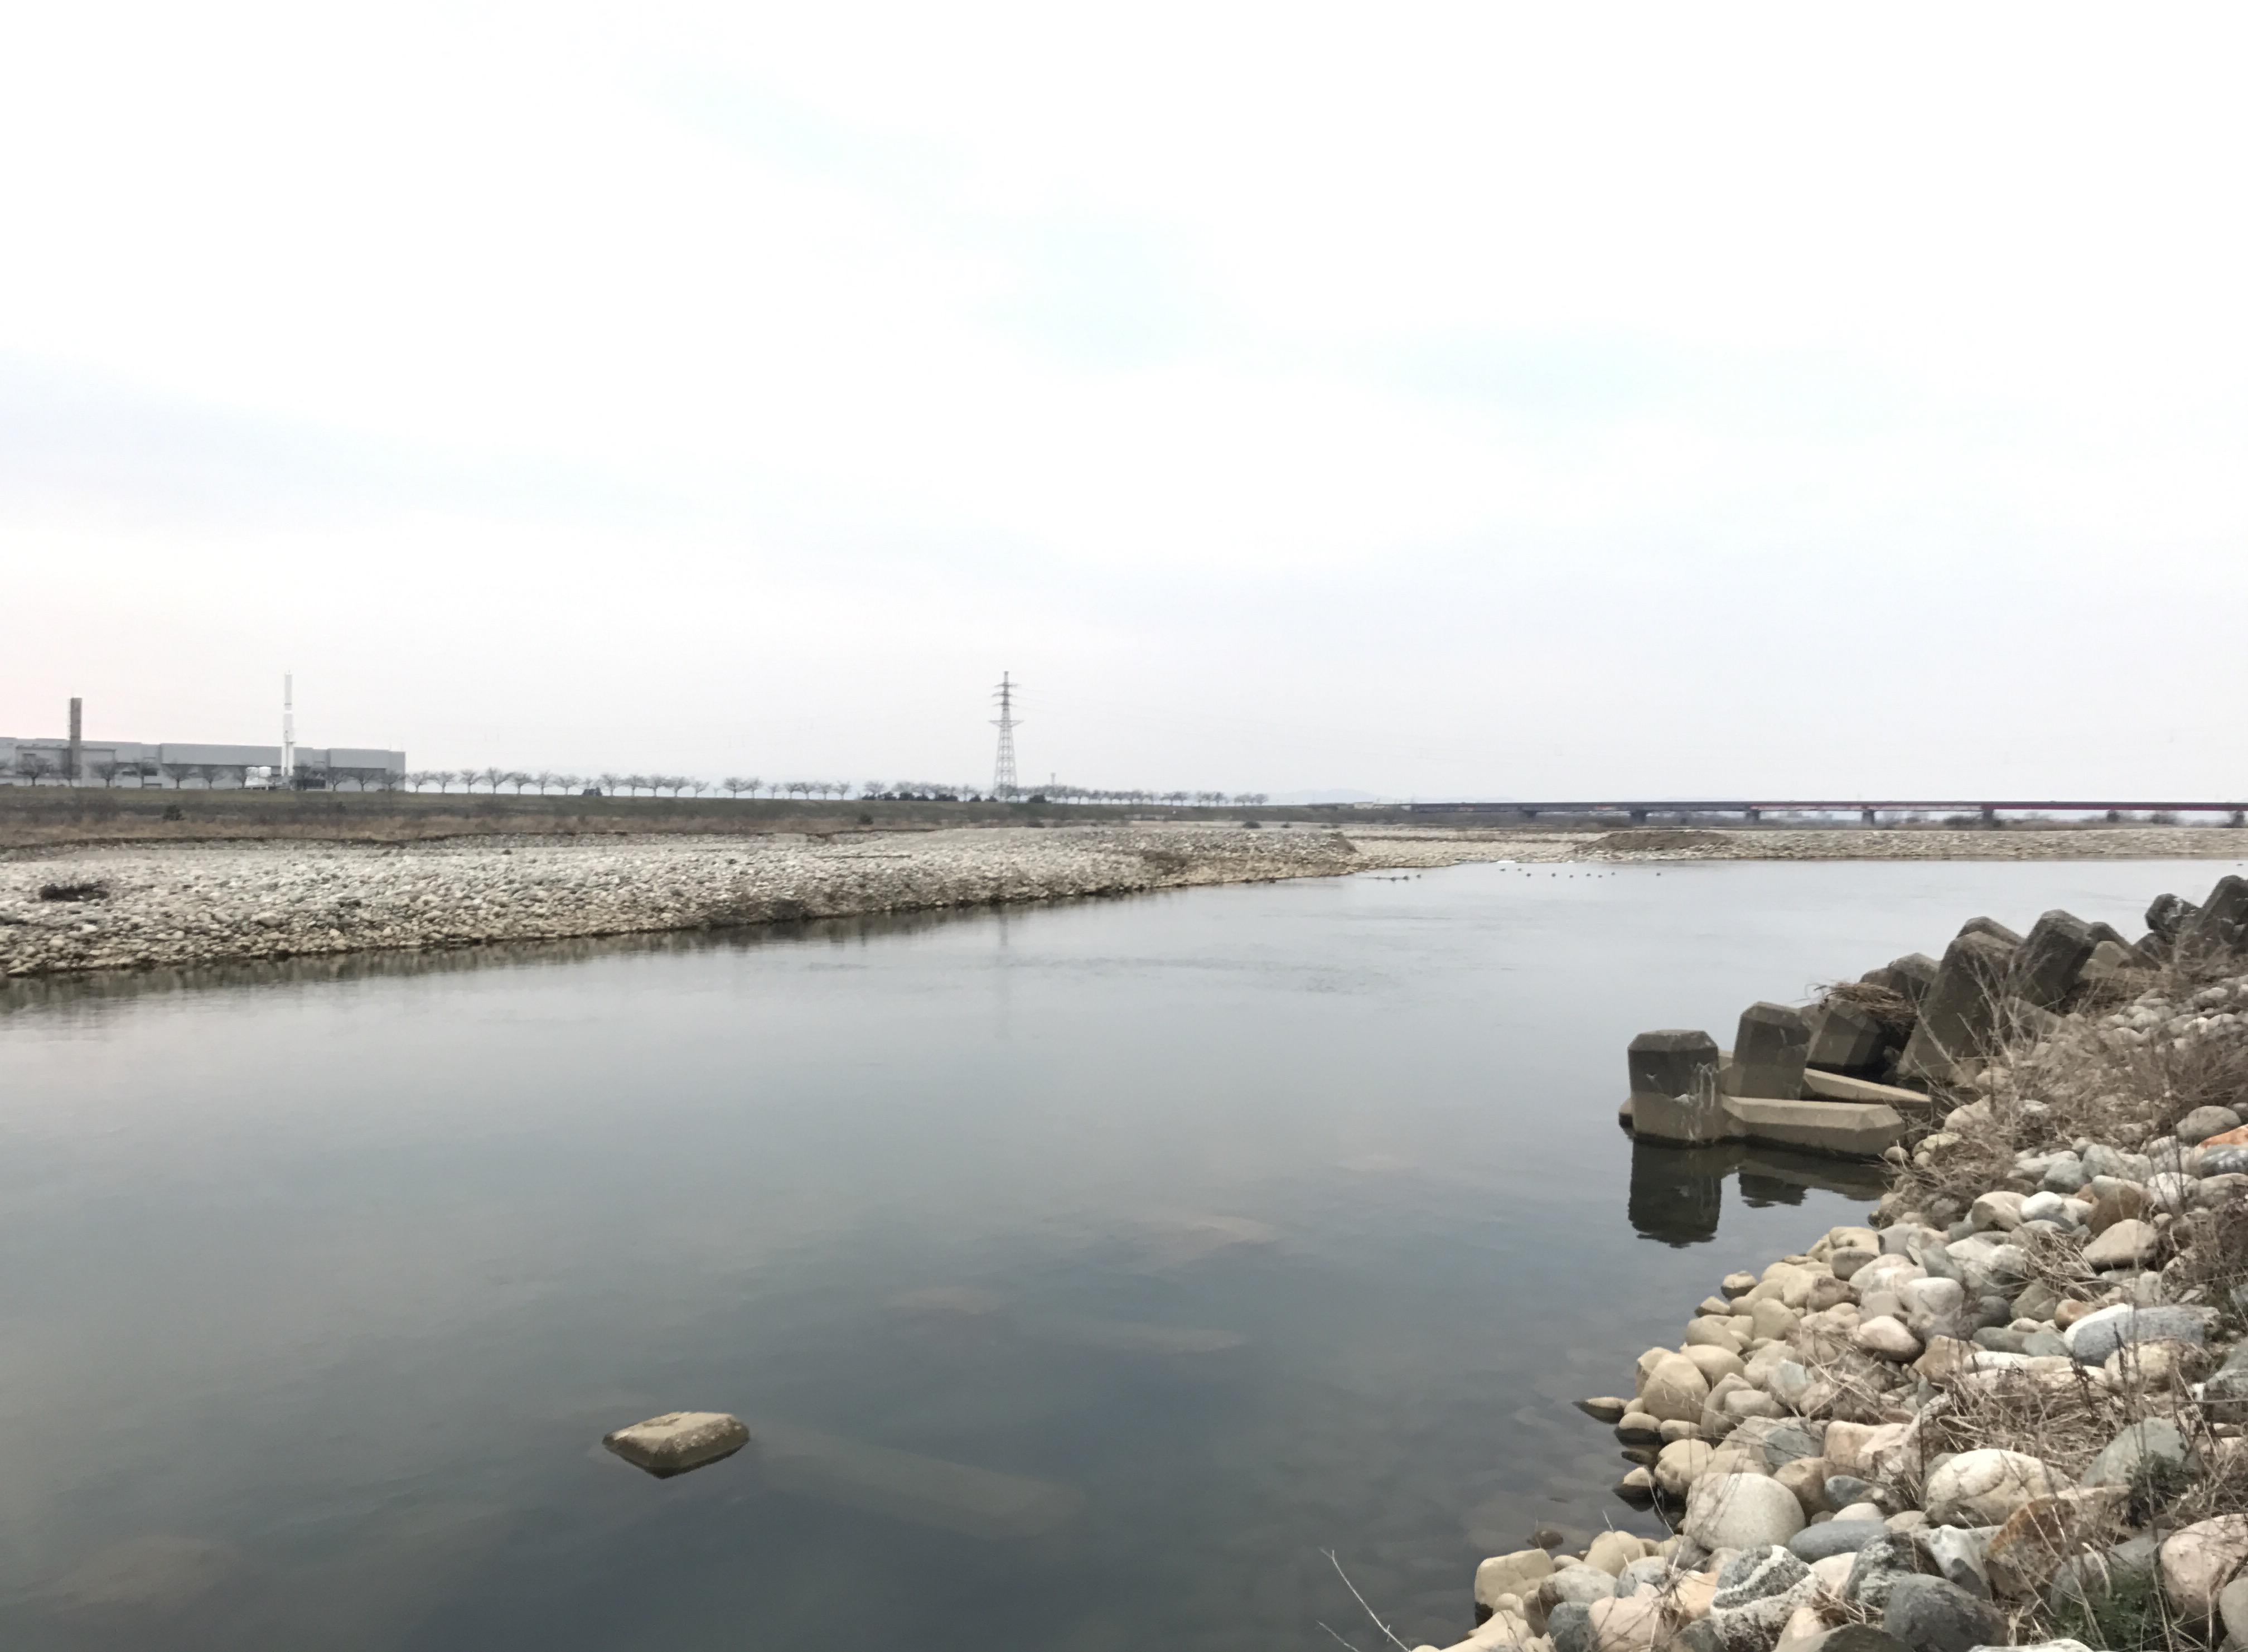 川の様子 3月29日�B